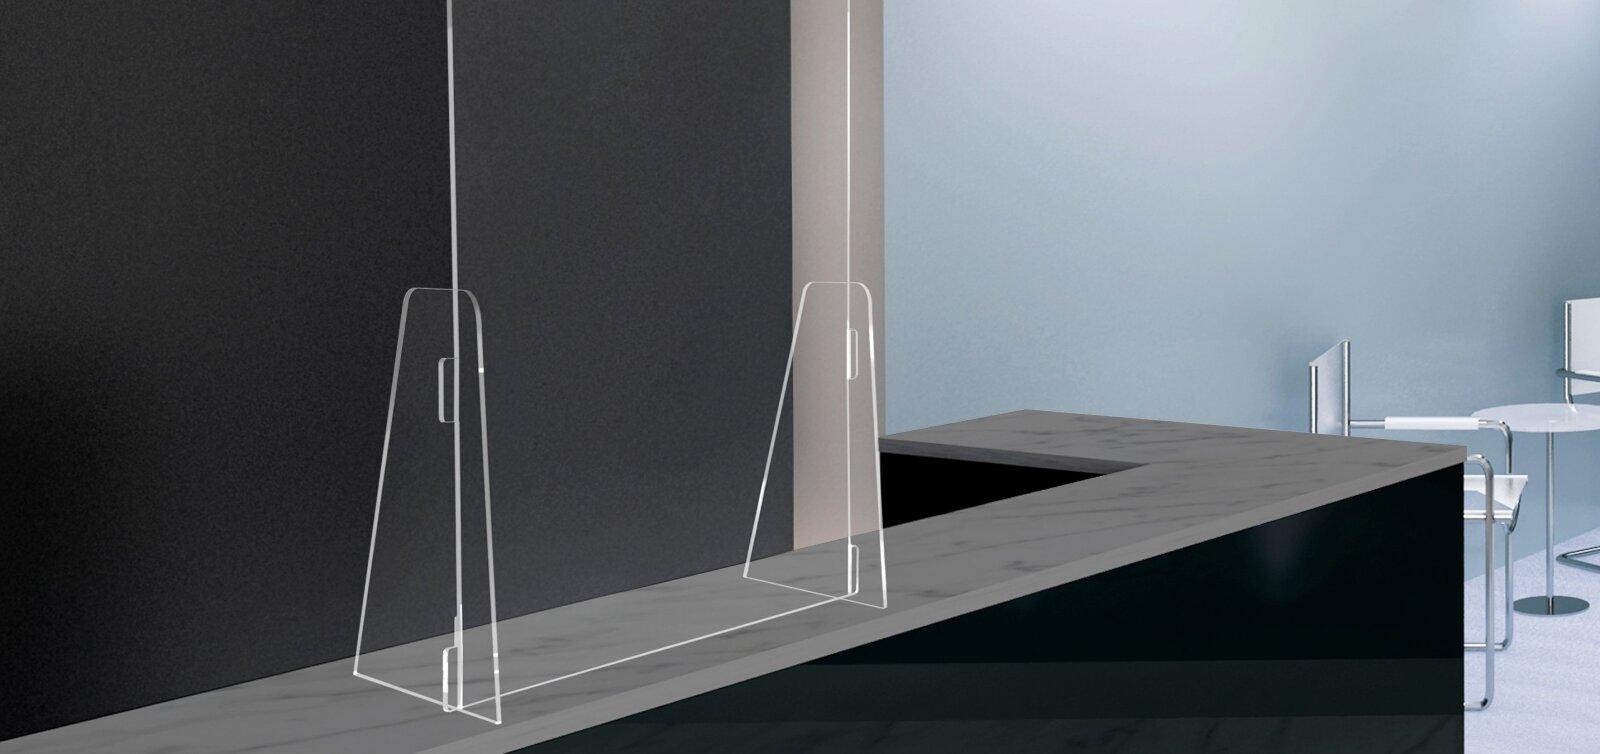 Divisori In Plexiglass Per Esterni parafiato da banco protettivo in plexiglass | qebgrafiche